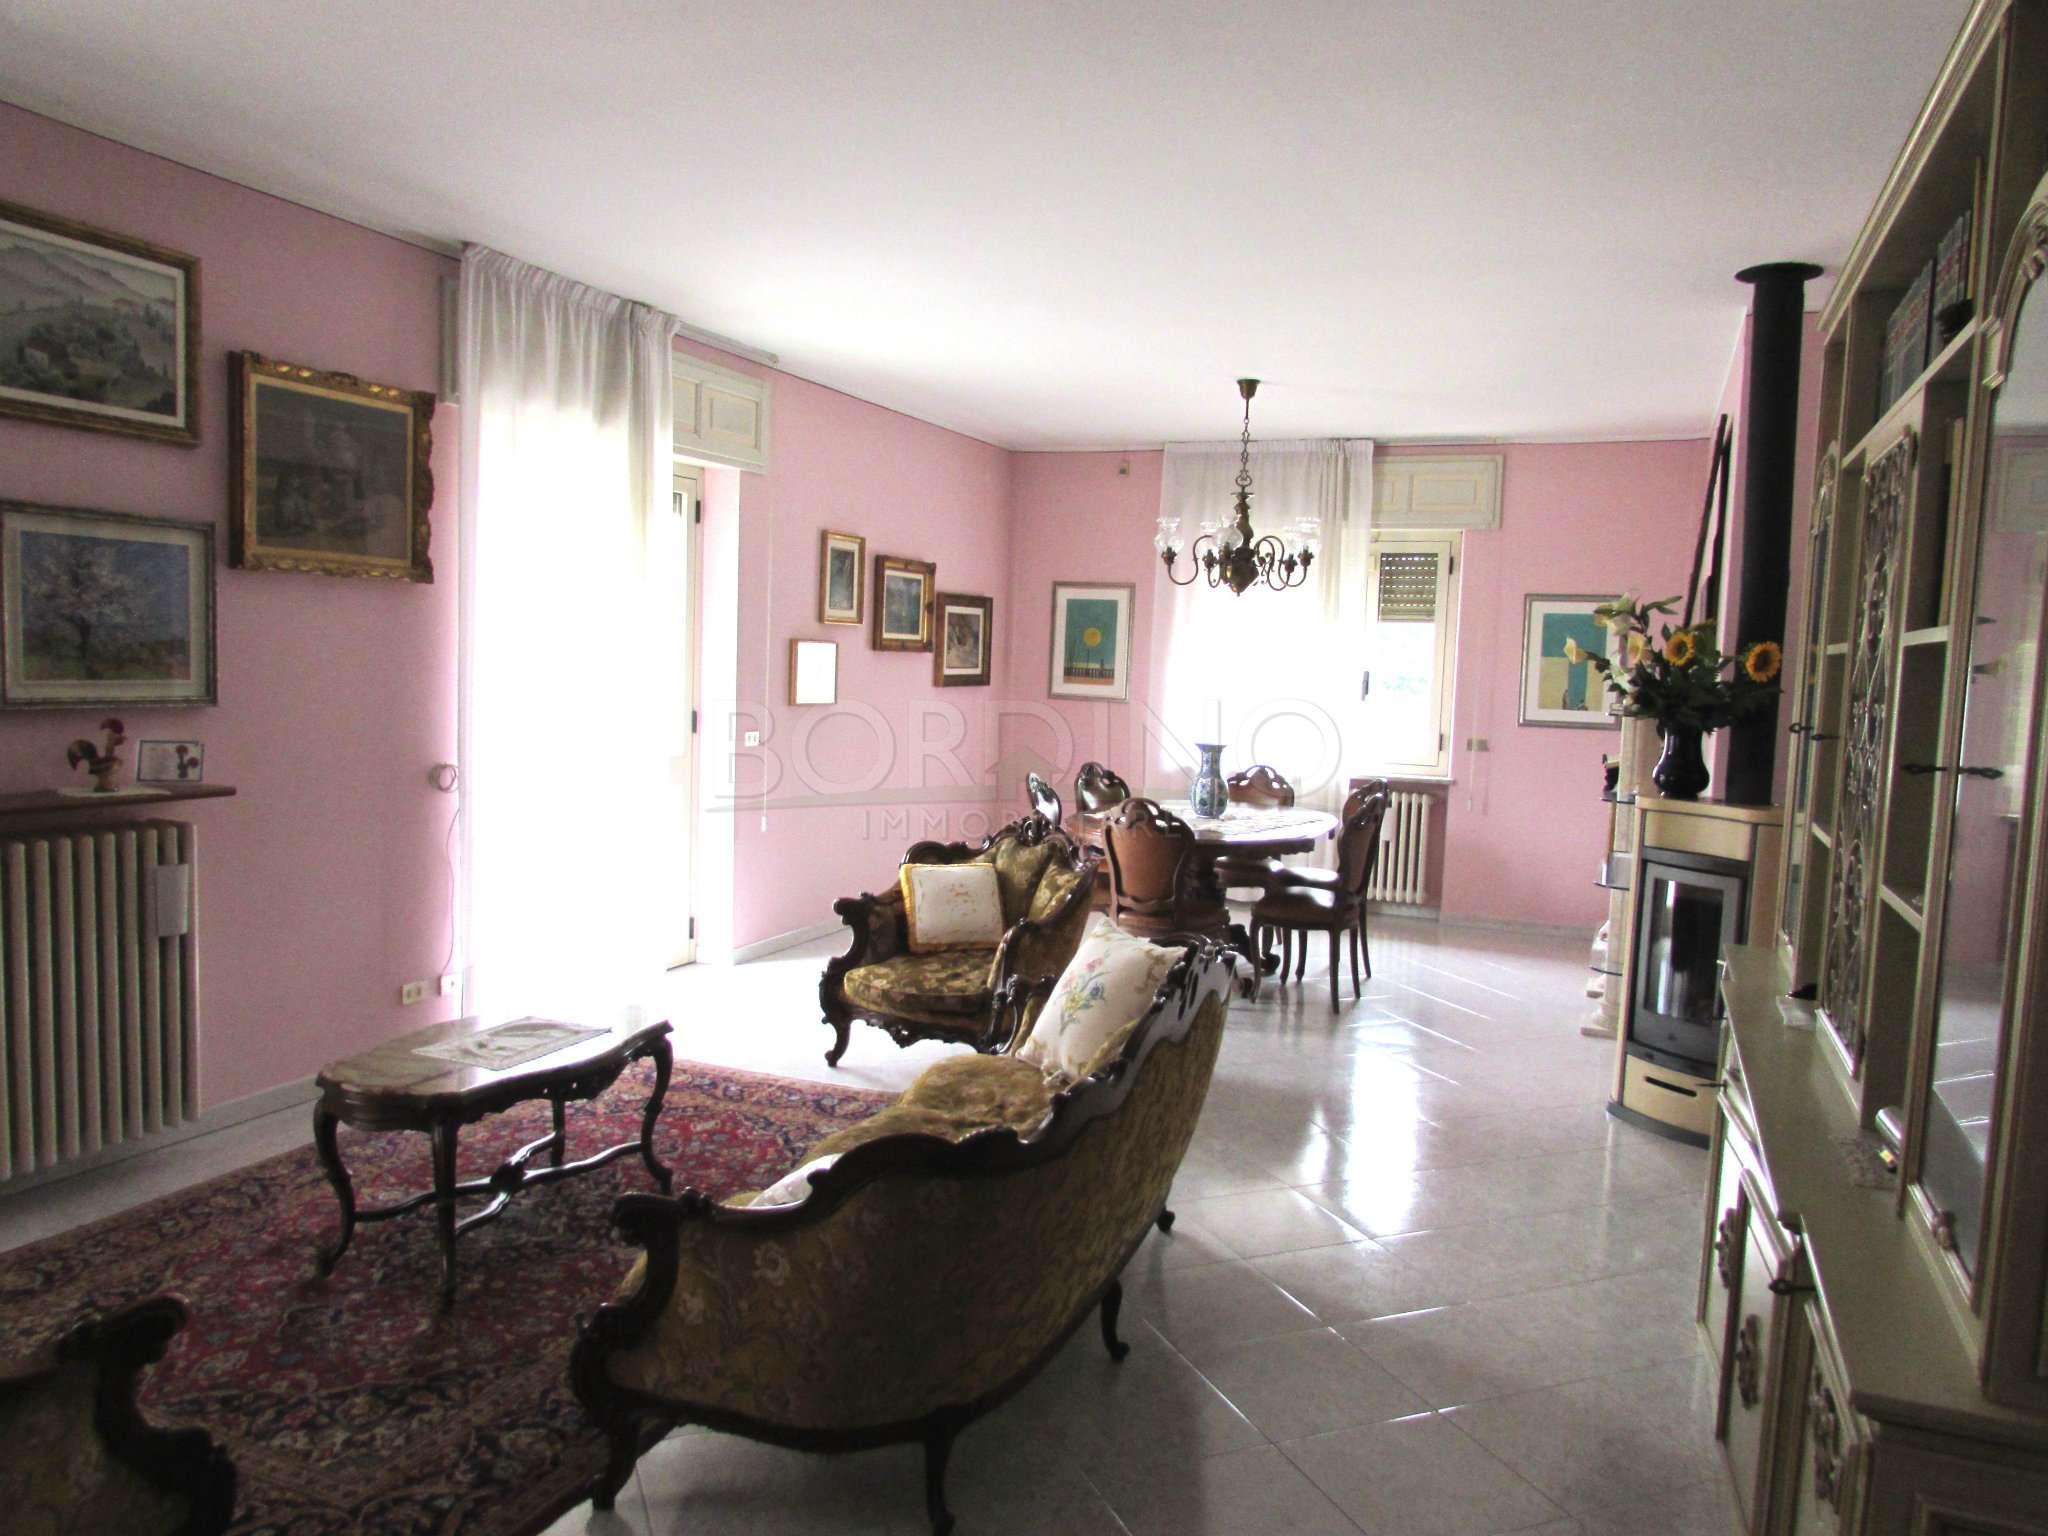 Soluzione Indipendente in vendita a Priocca, 5 locali, prezzo € 235.000 | PortaleAgenzieImmobiliari.it